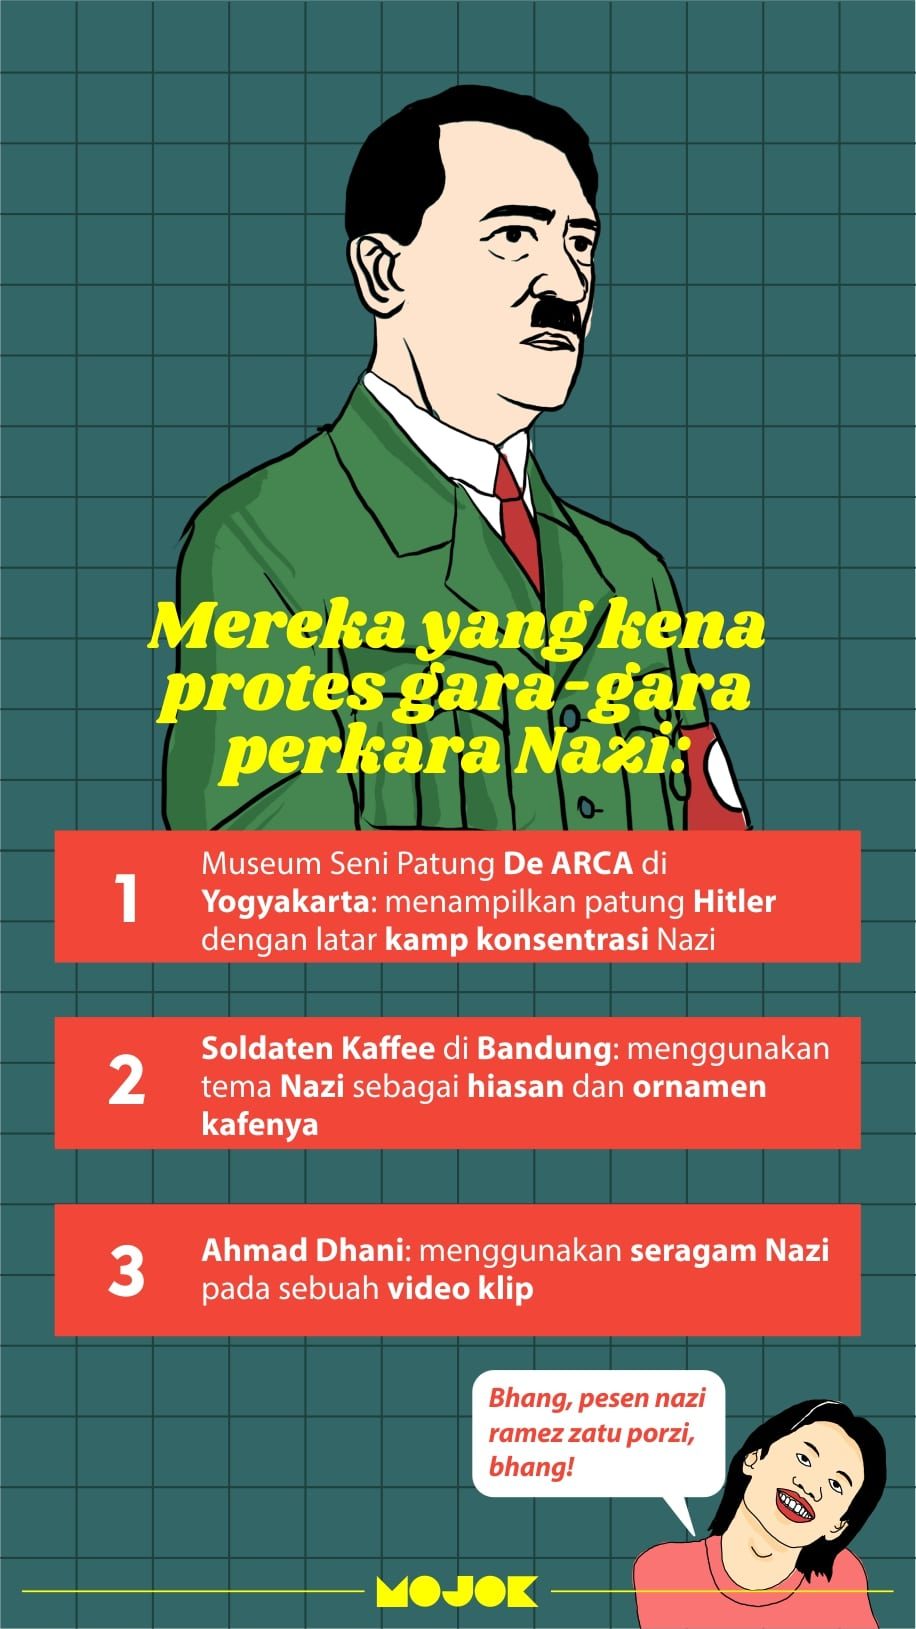 Perkara nazi